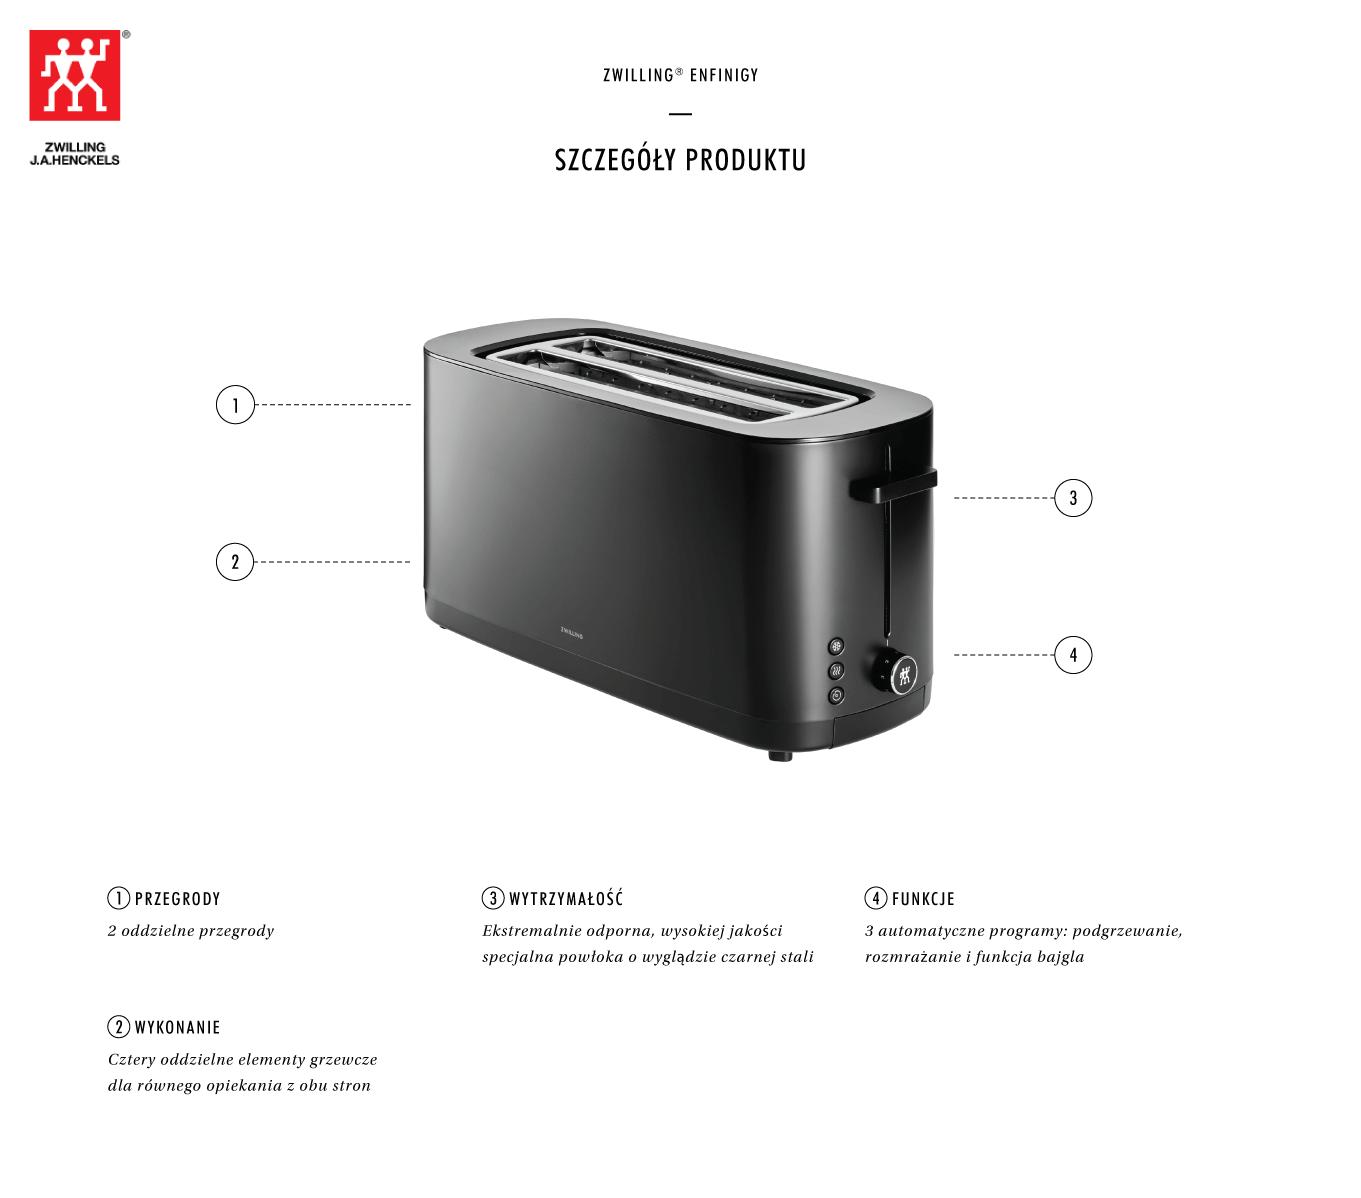 Dlaczego warto kupić duży toster Zwilling Enfinigy?